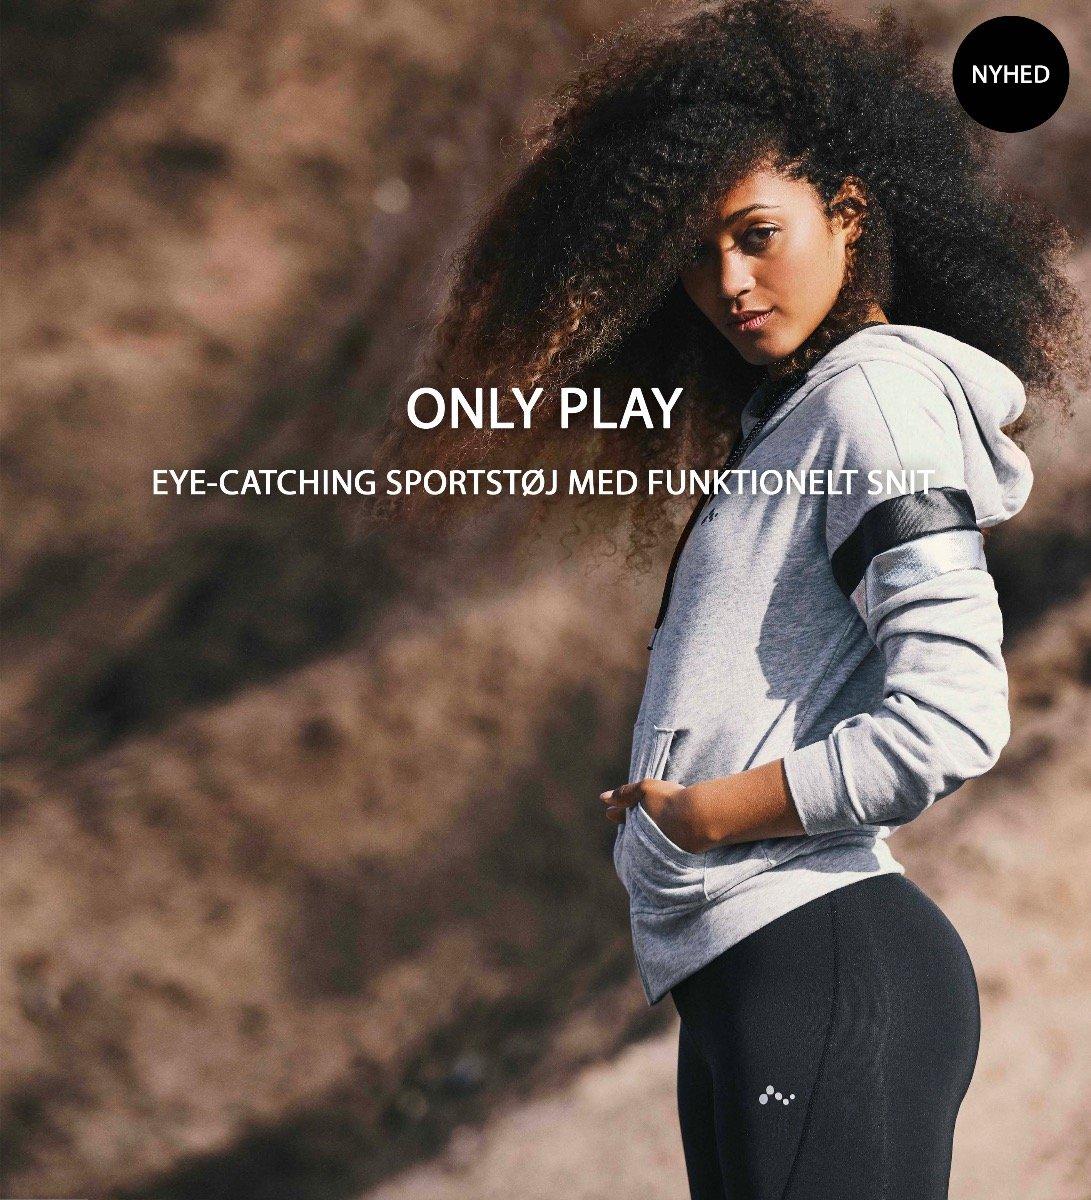 Køb Only Play træningstøj online med fri fragt på kaisersport.dk